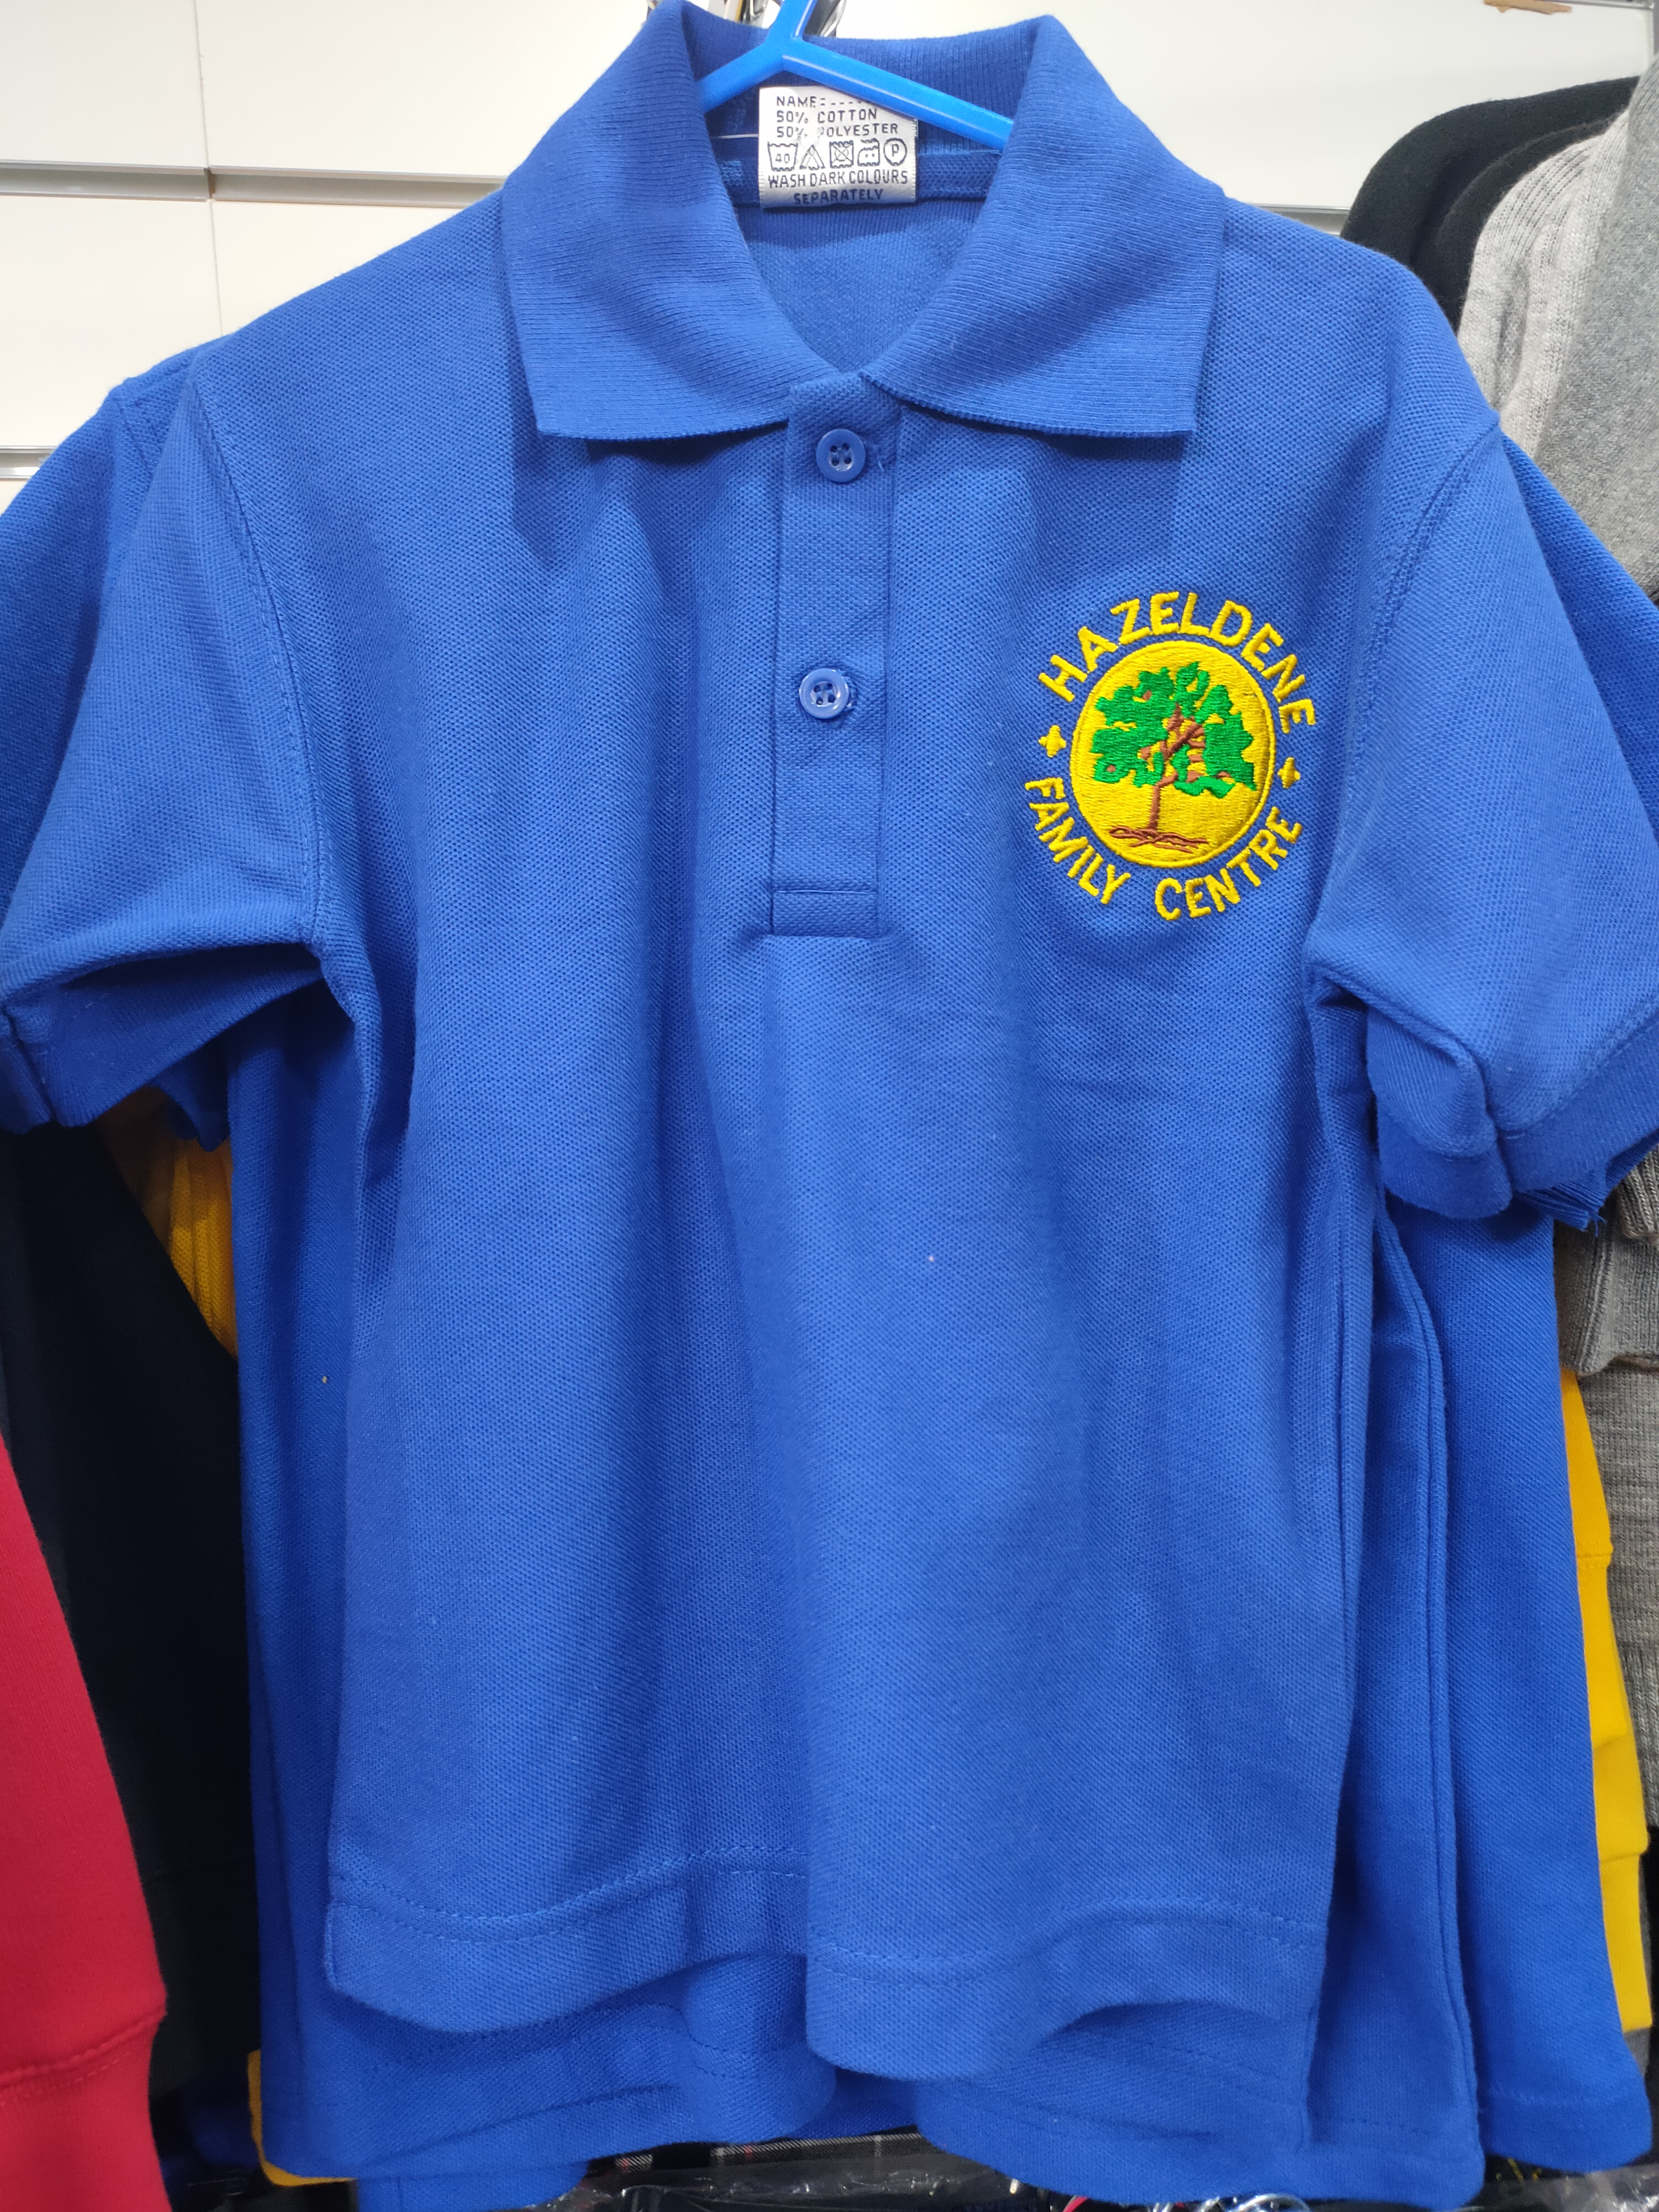 Hazeldene Family Centre Poloshirt (Royal Blue)